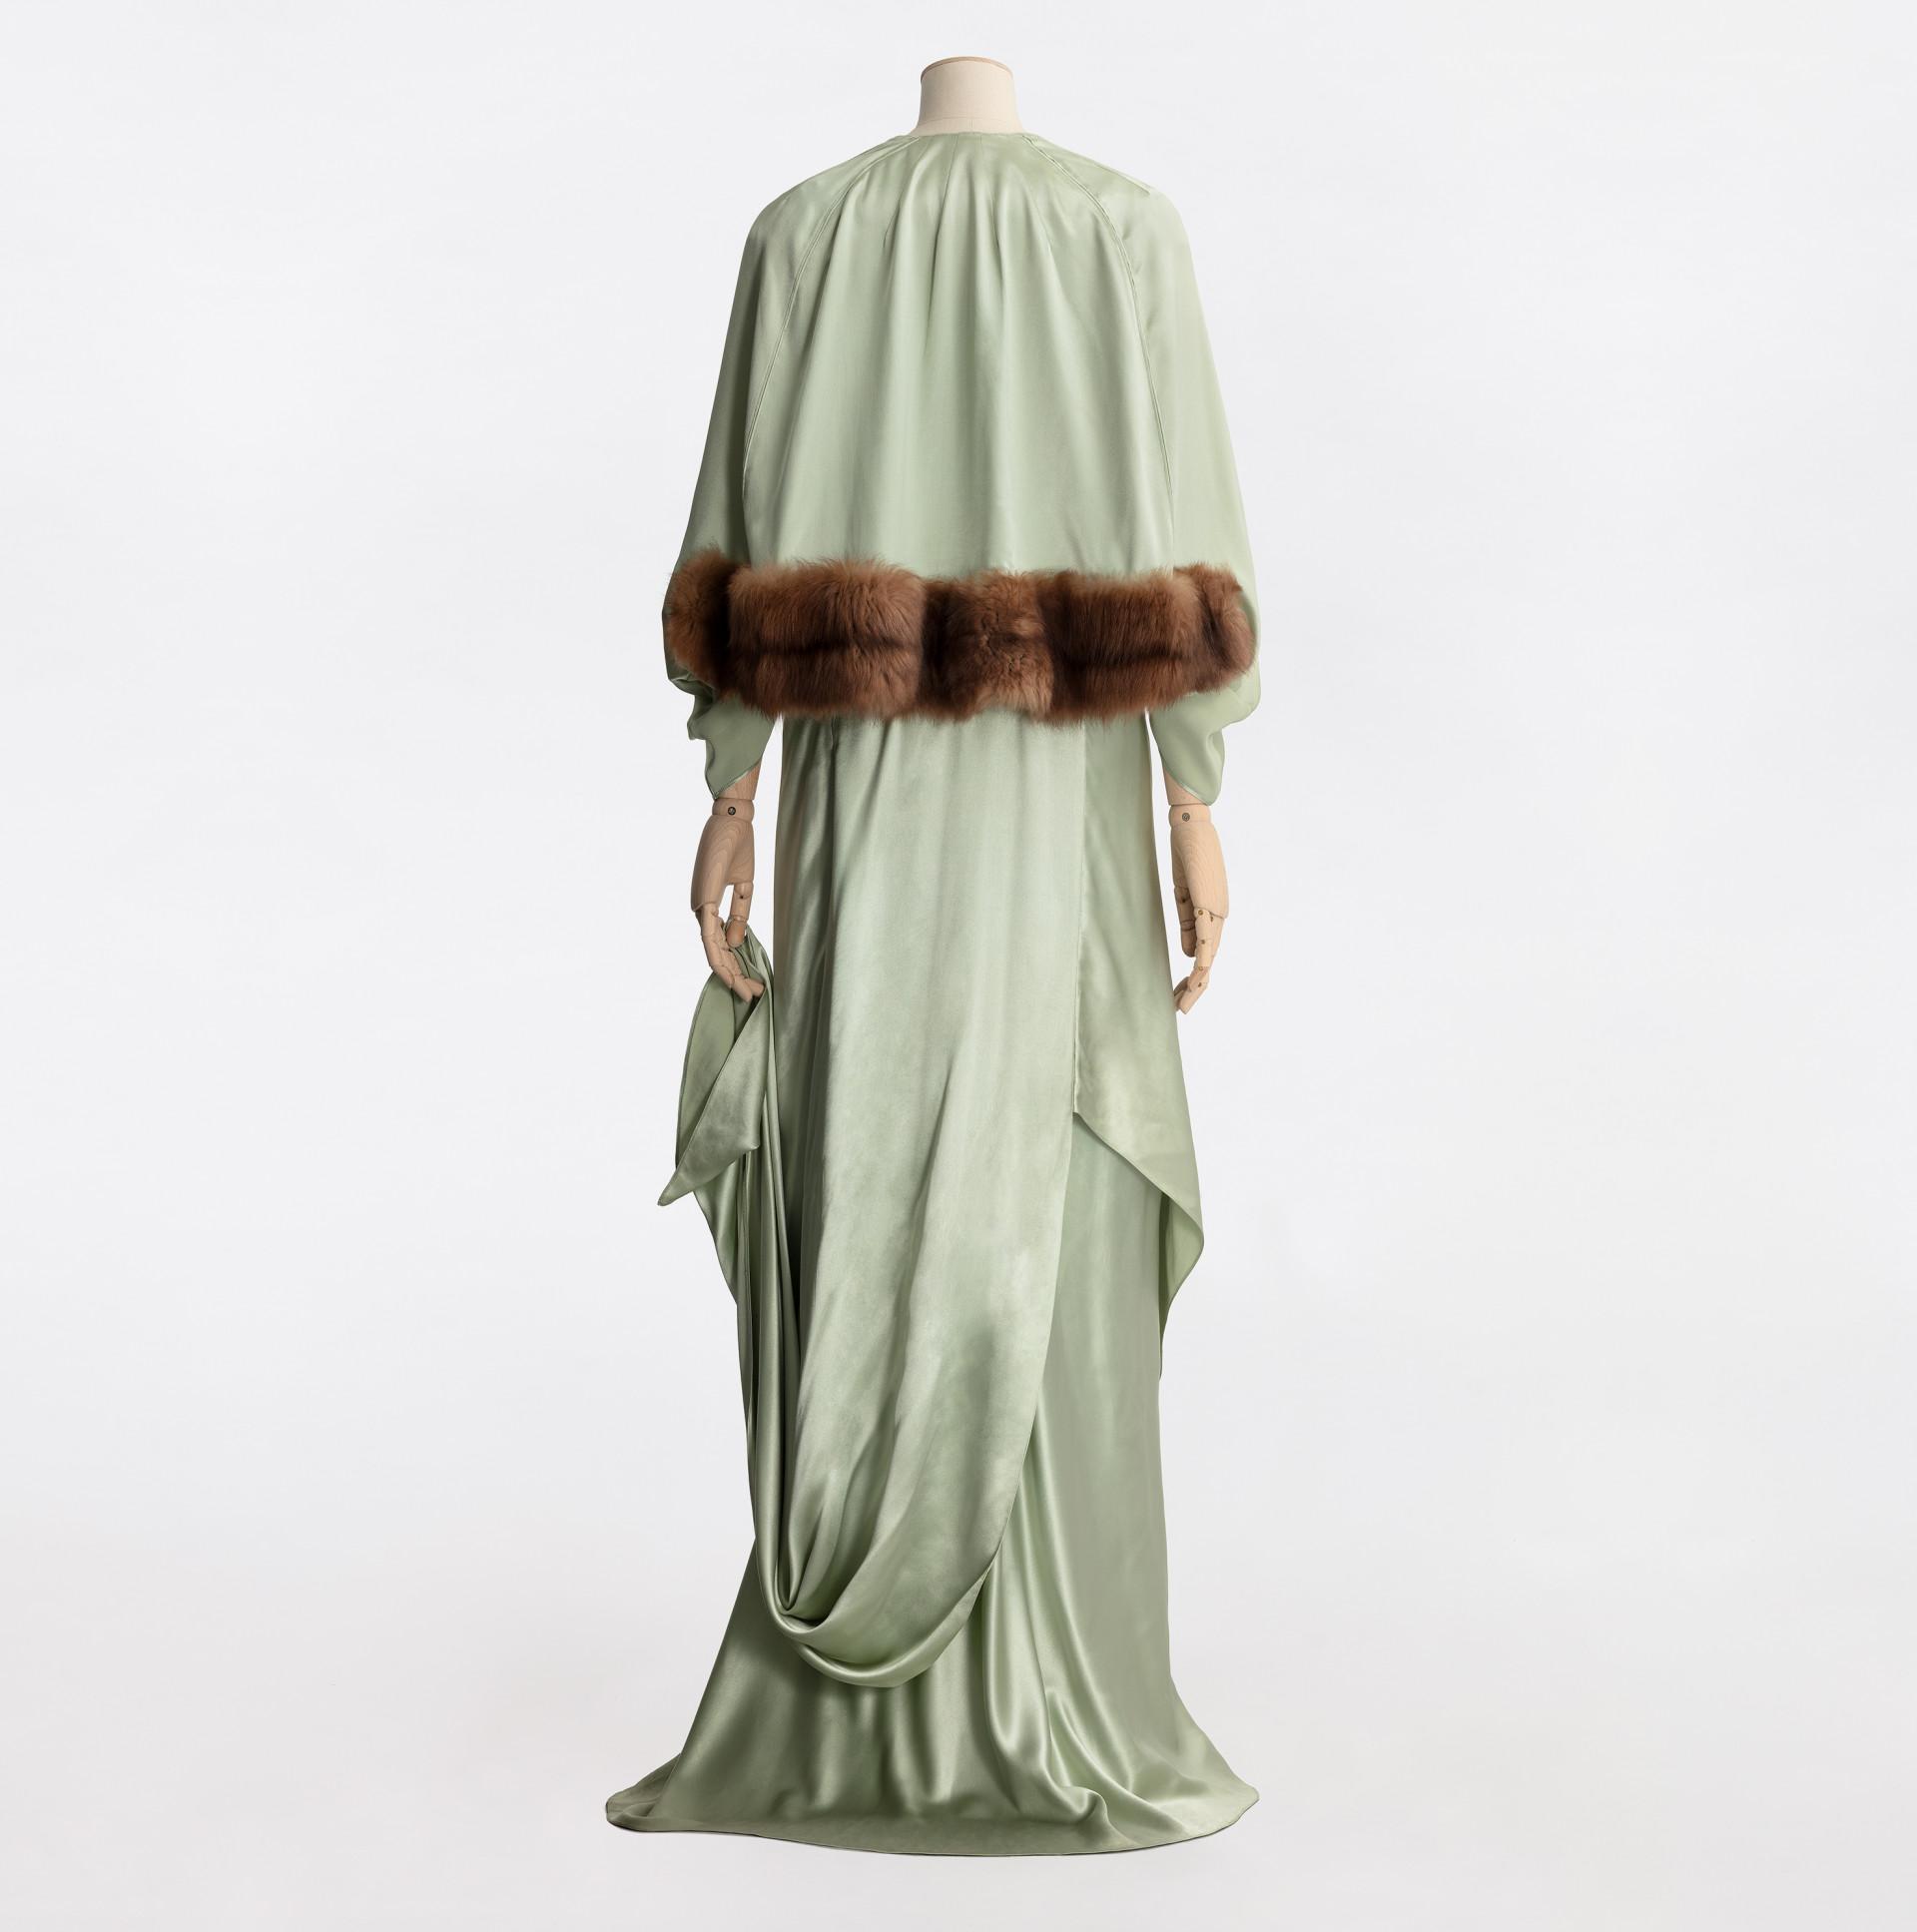 Grön balklänning på provdocka